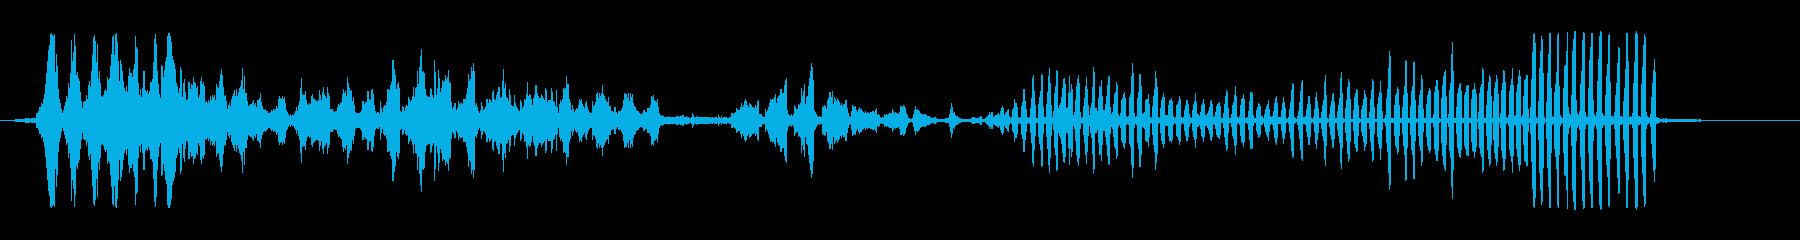 ハヤブサの再生済みの波形